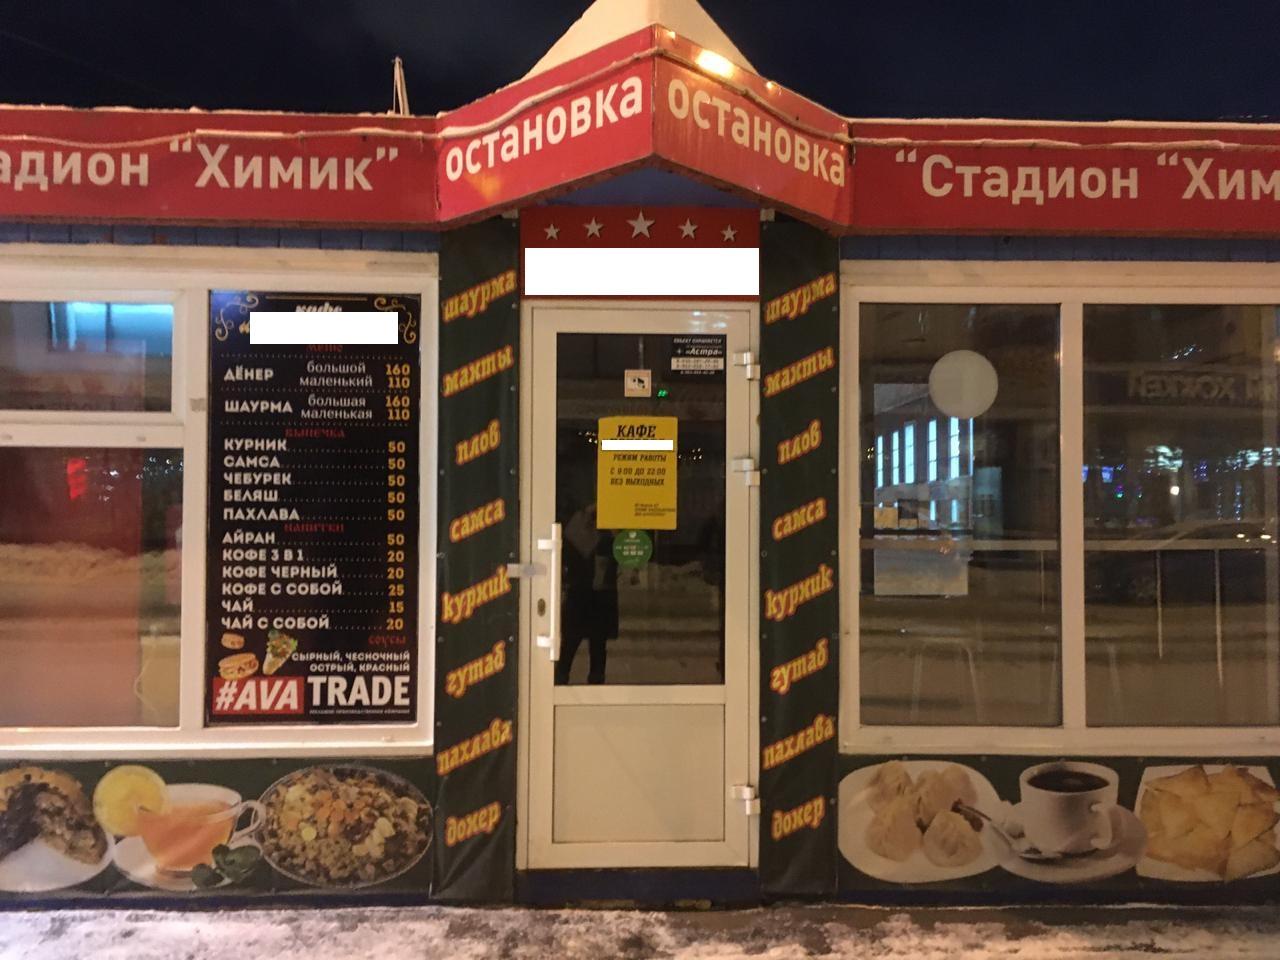 В Кемерове из-за двух жалоб закрыли кафе быстрого питания